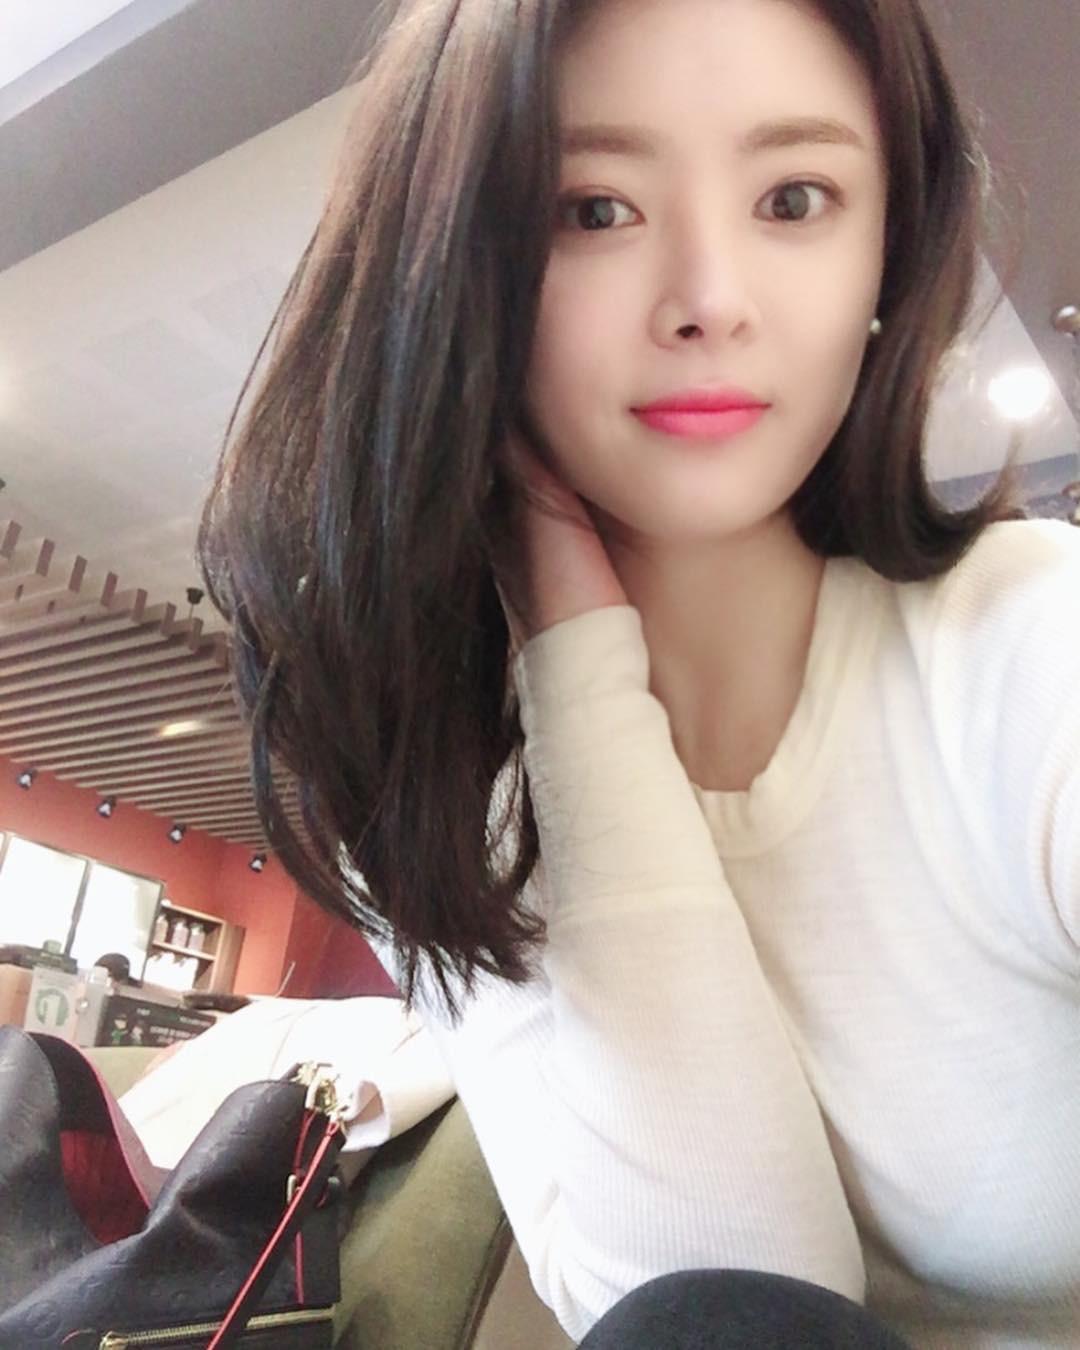 Tìm ra nữ diễn viên Hàn bị đâm tử vong trong tai nạn liên hoàn: Cựu idol đẹp mỹ miều, qua đời chỉ sau 2 tháng cưới - Ảnh 5.